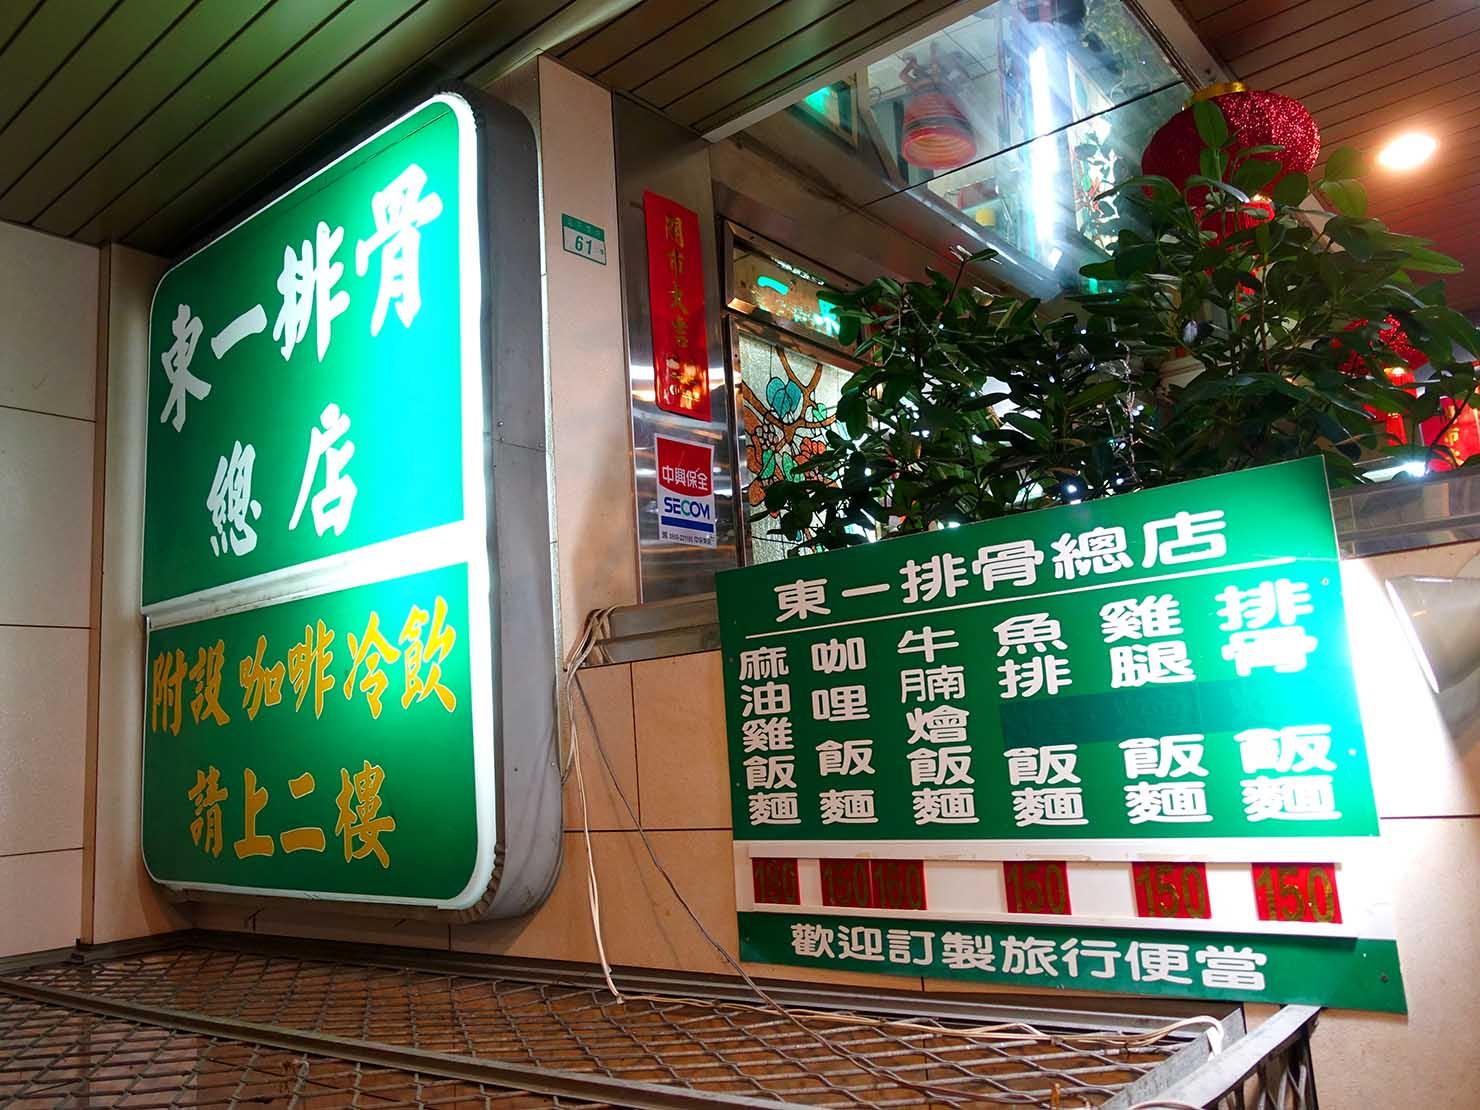 台北・西門町にある排骨飯の老舗「東一排骨總店」エントランスのメニュー